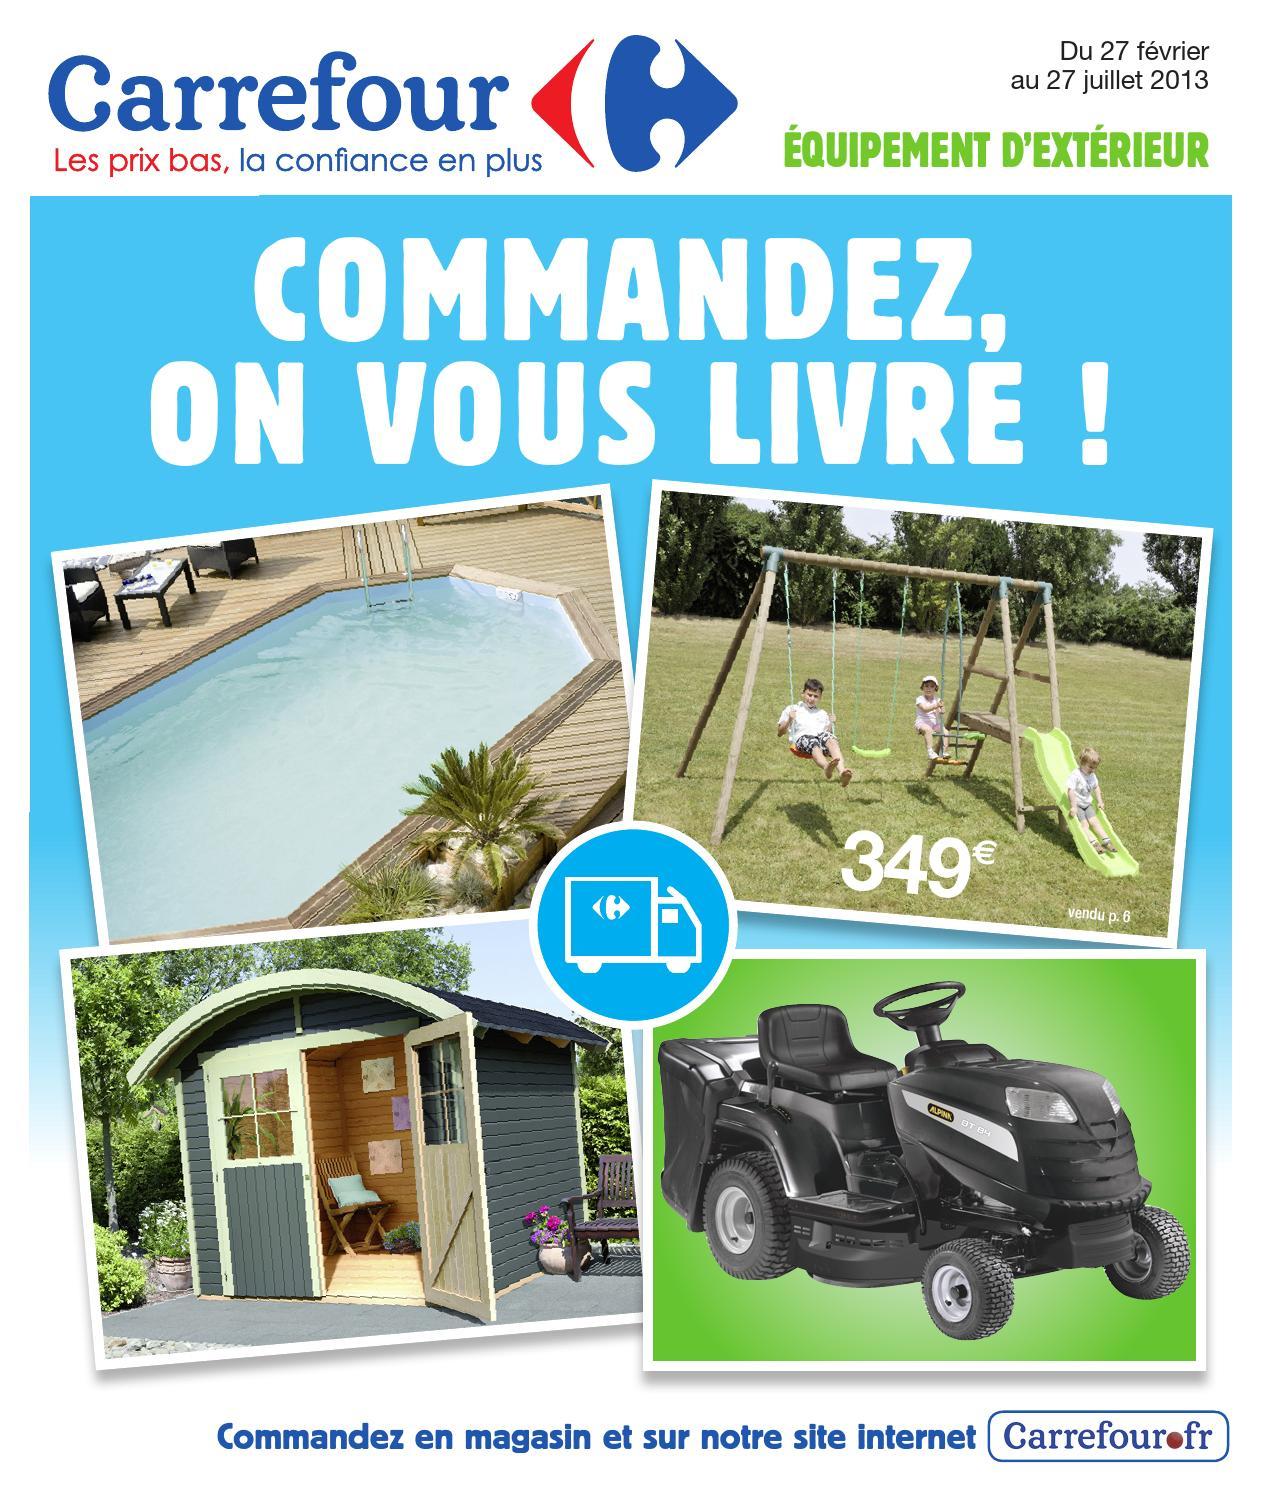 Catalogue Carrefour Commandez On Vous Livre By Pro ... concernant Abri De Jardin 30M2